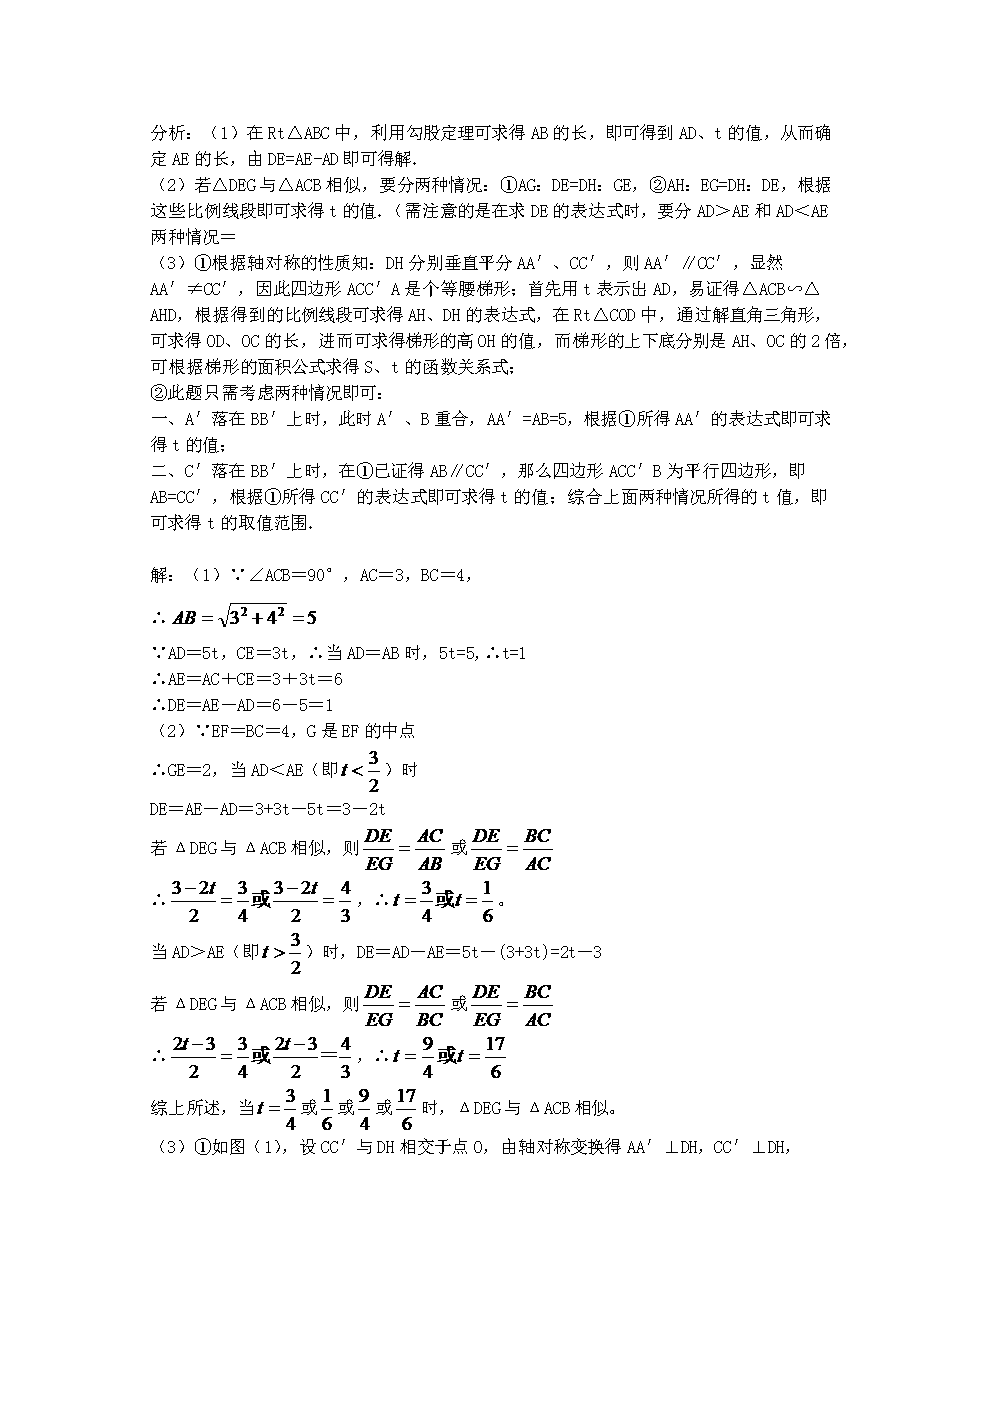 利用勾股定理可求得AB的长即可得到ADt的值从而.DOC